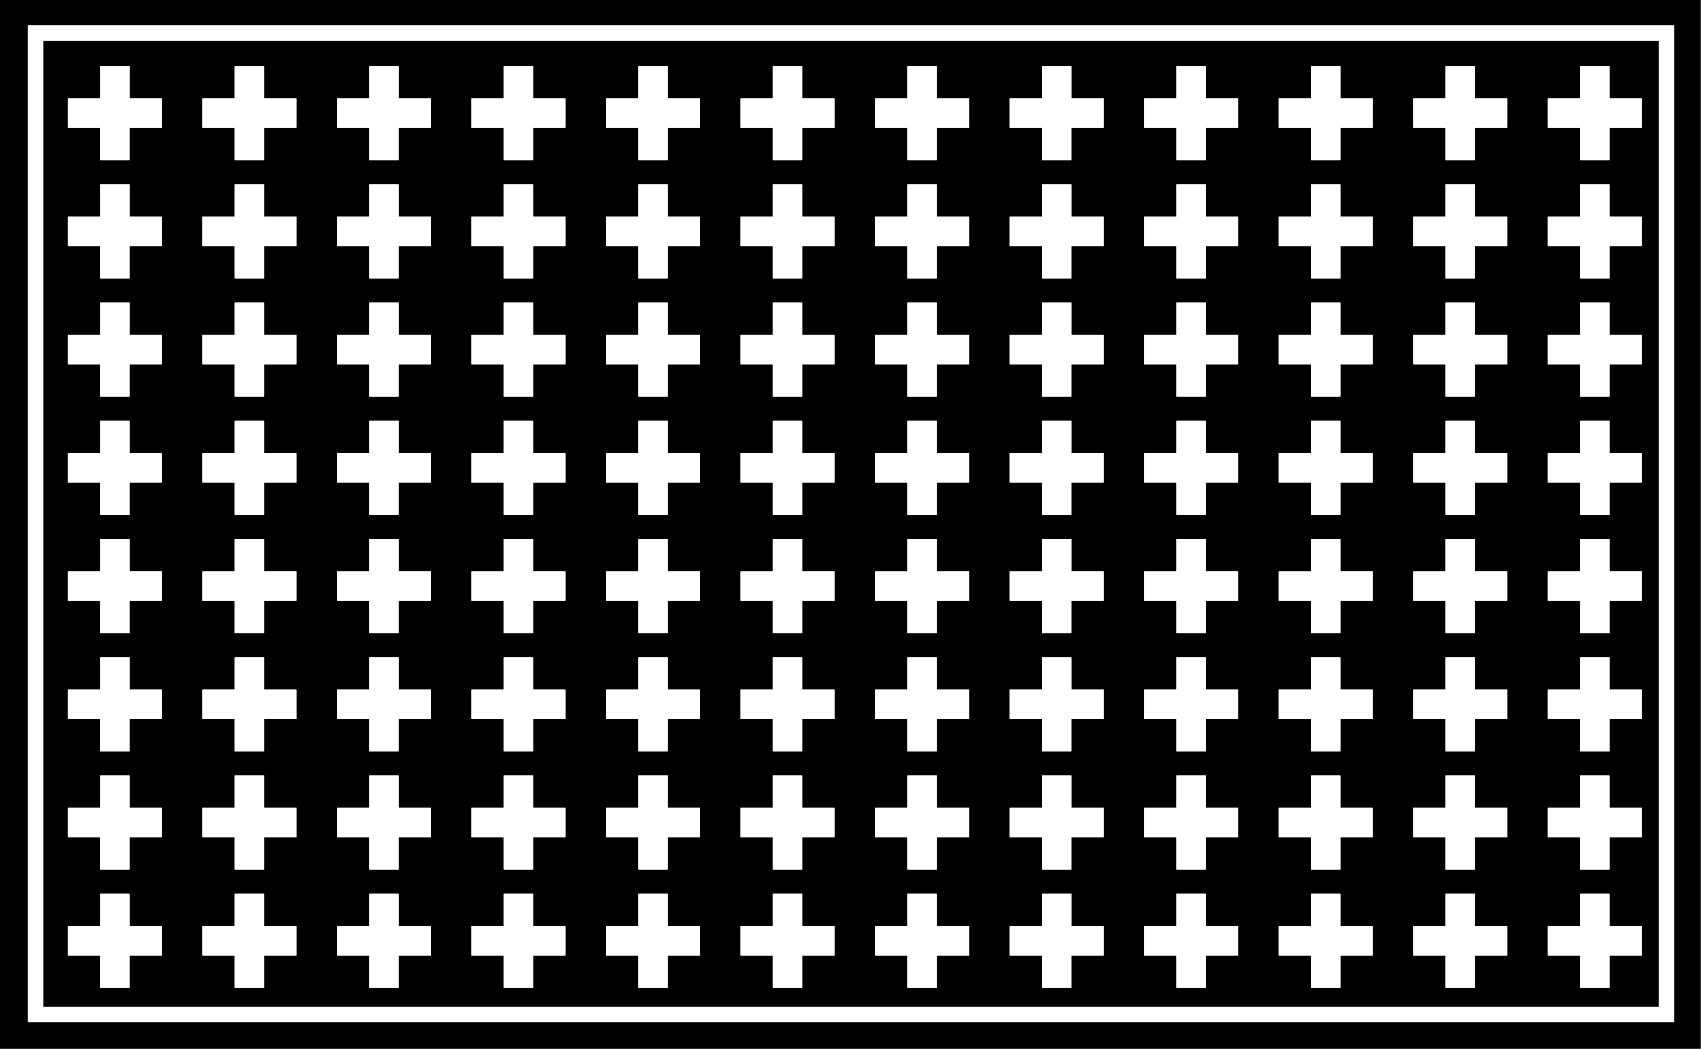 TenStickers. Biały i czarny krzyż minimalistyczny dywan. Oryginalny, ale prosty dywan winylowy w czarno-białe krzyże, który nada twojemu domowi oszałamiający wygląd. Wysokiej jakości produkt dostarczony do Twojego domu.